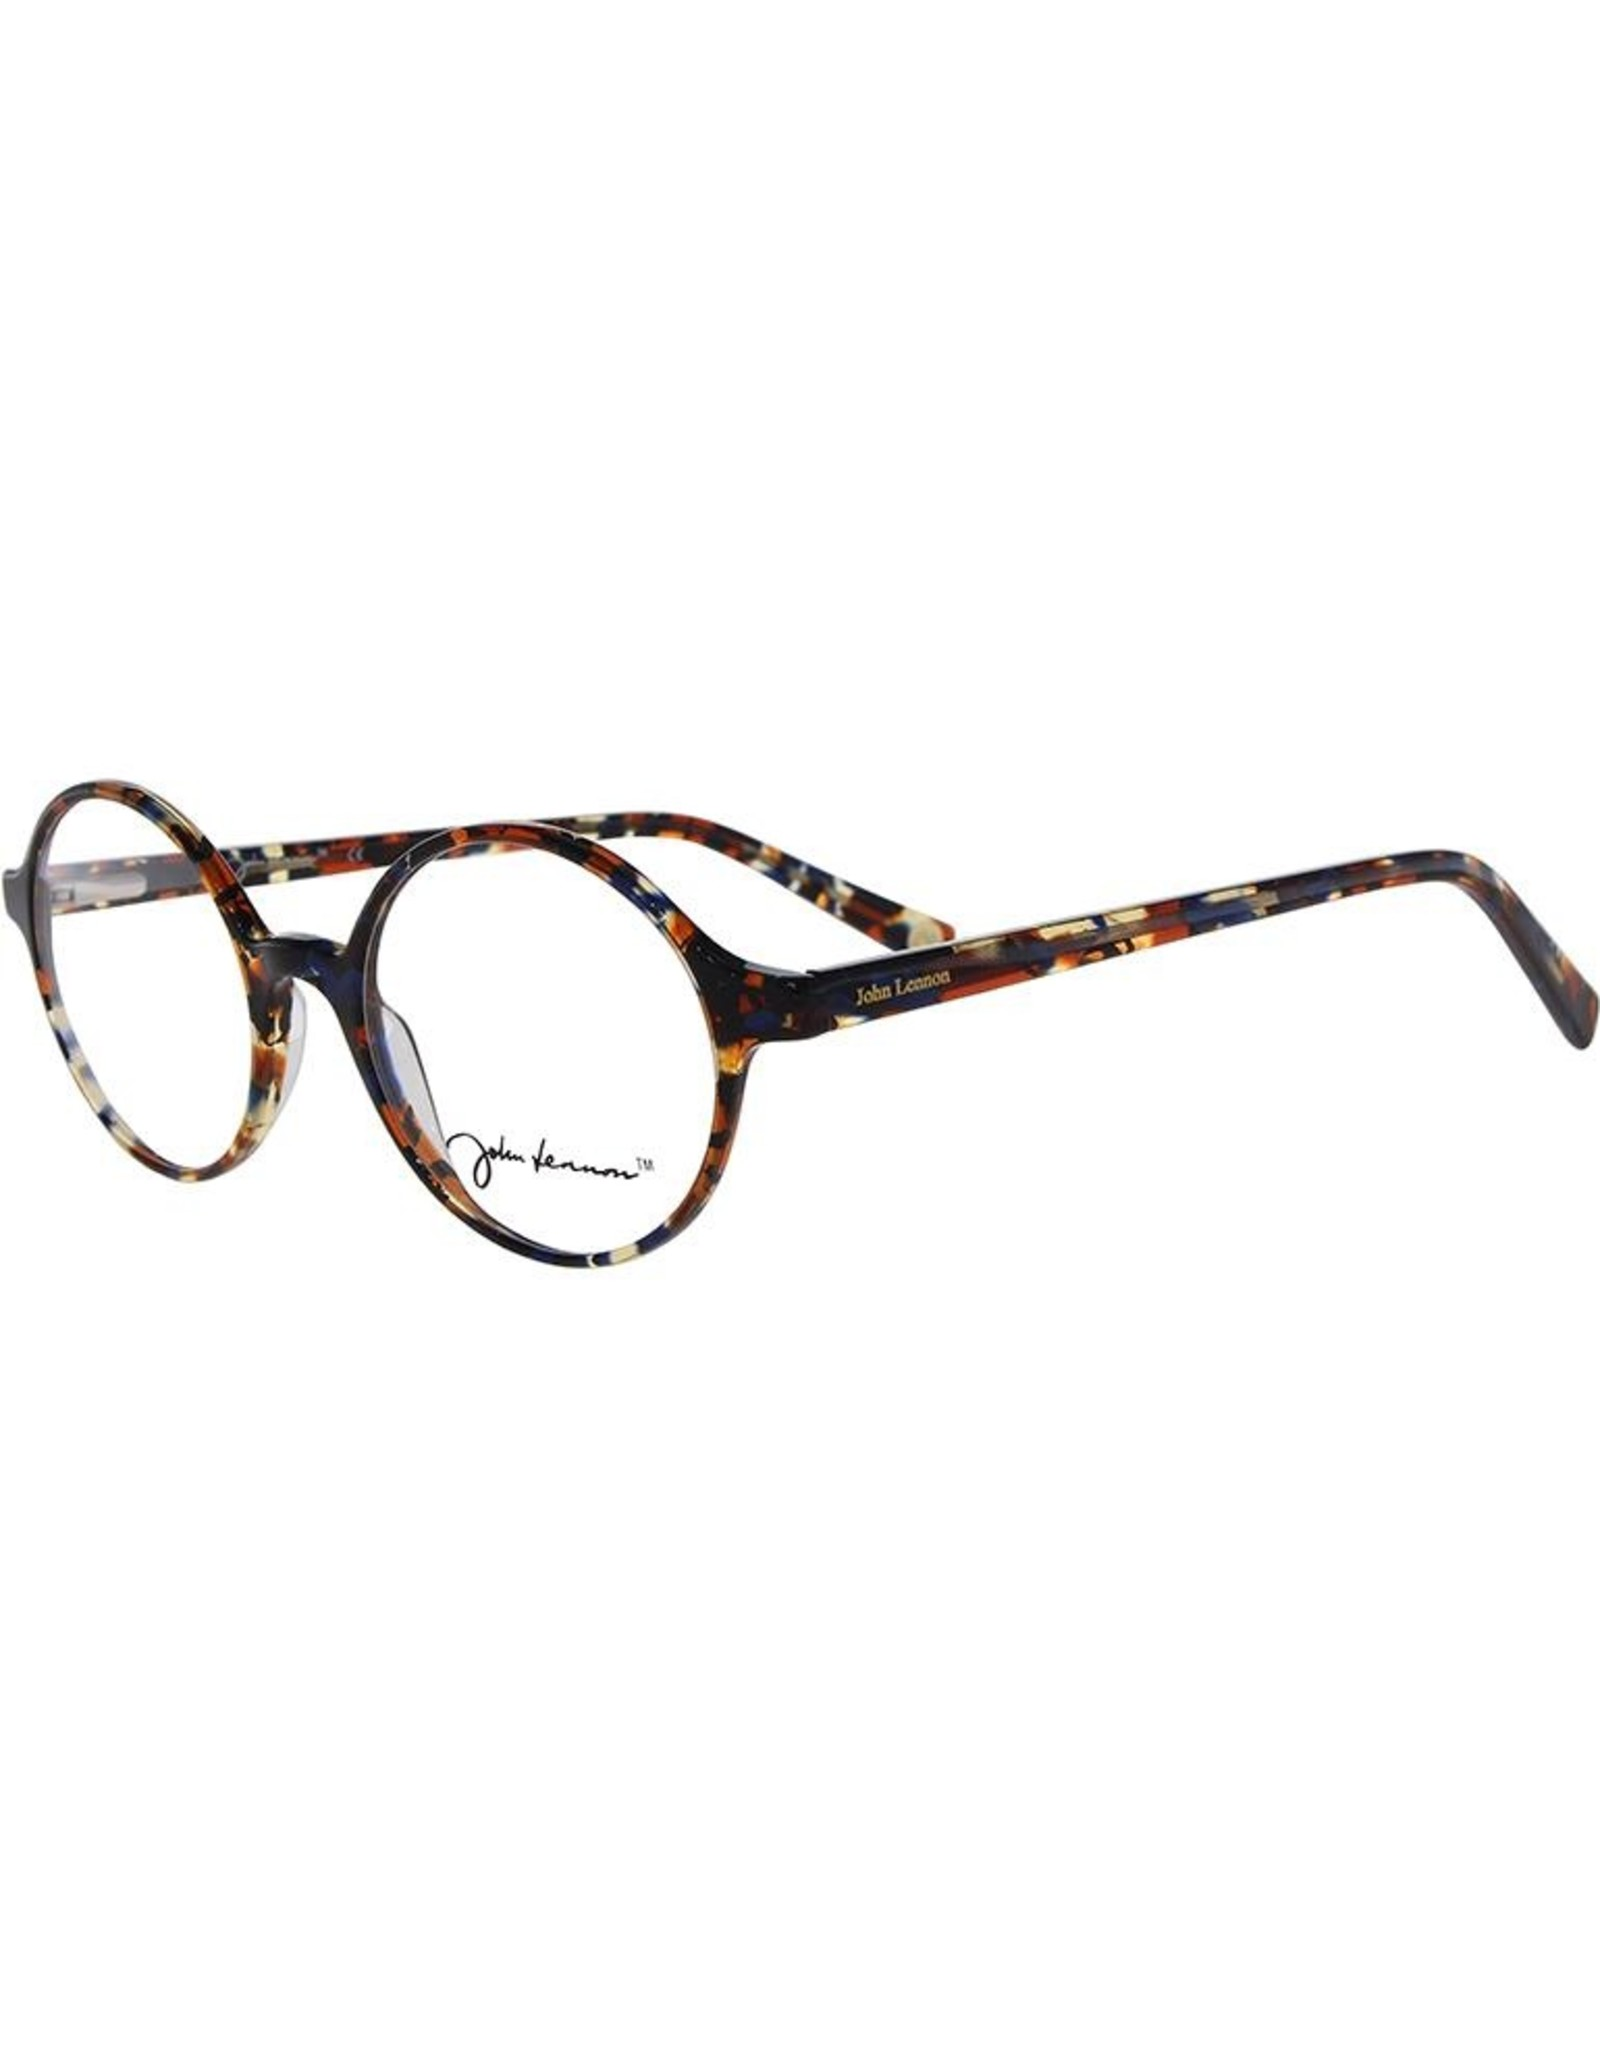 john lennon eyewear Jo169 Zb